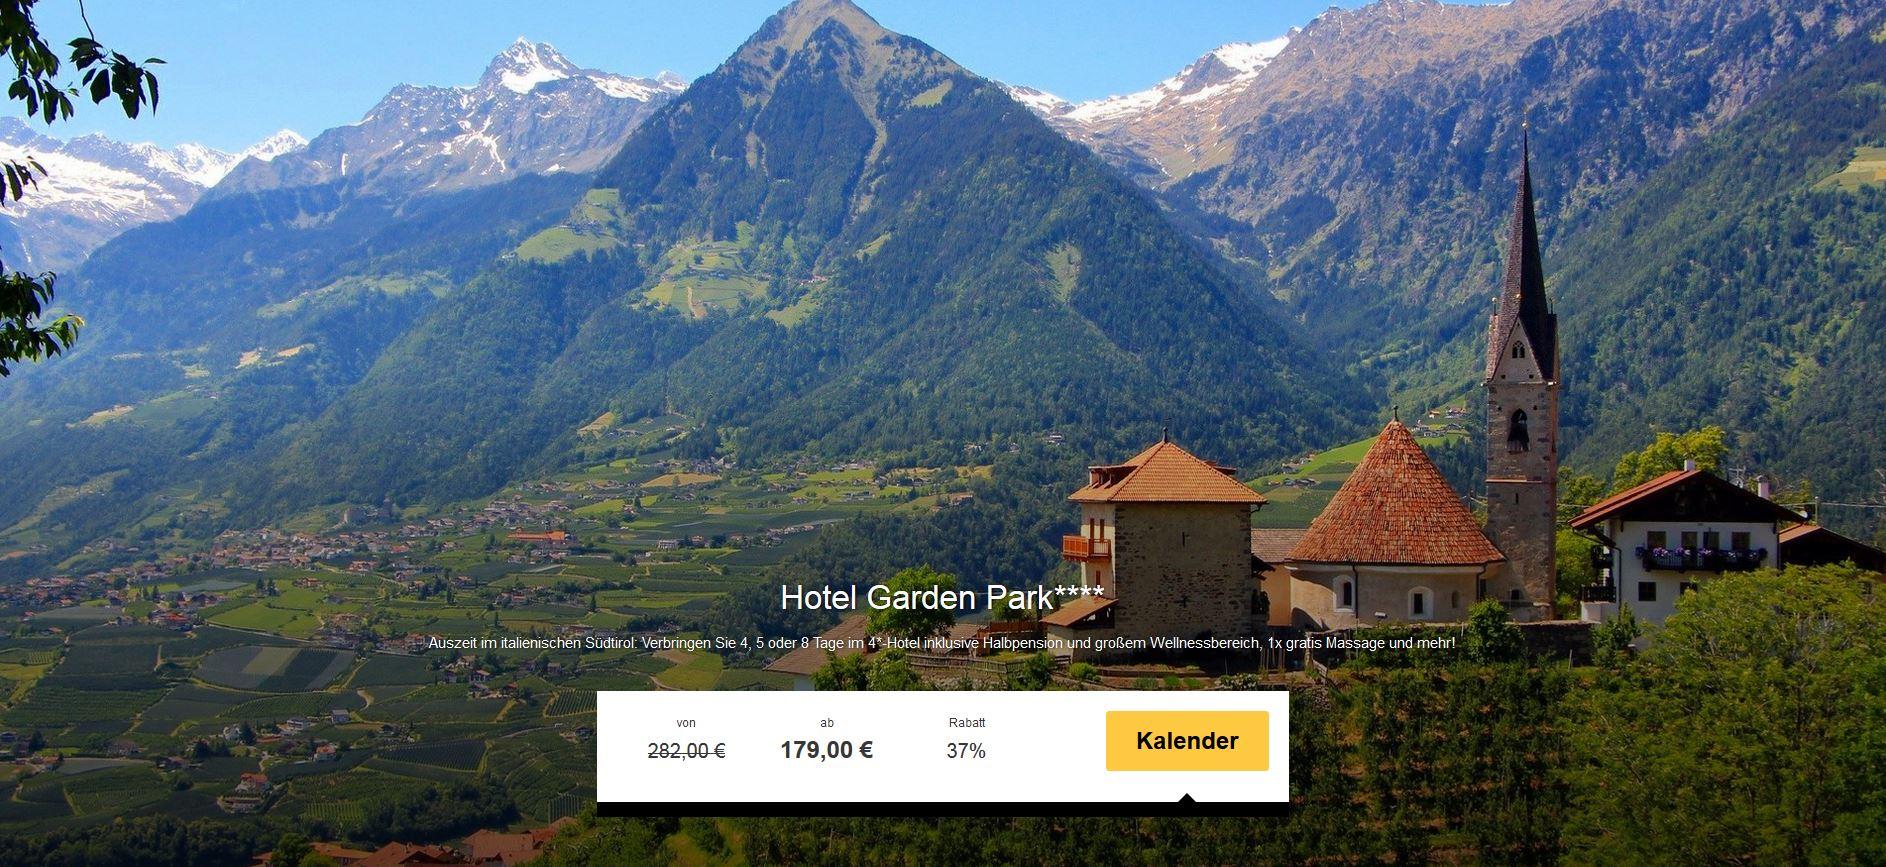 Romantik Hotel S Ef Bf Bddtirol  Sterne